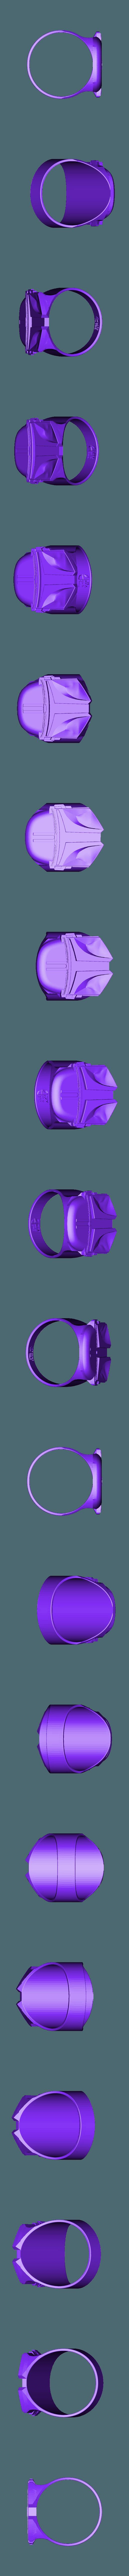 Mandalorian_Ring_18mm.stl Télécharger fichier OBJ gratuit Anneau mandalorien • Modèle imprimable en 3D, quaddalone